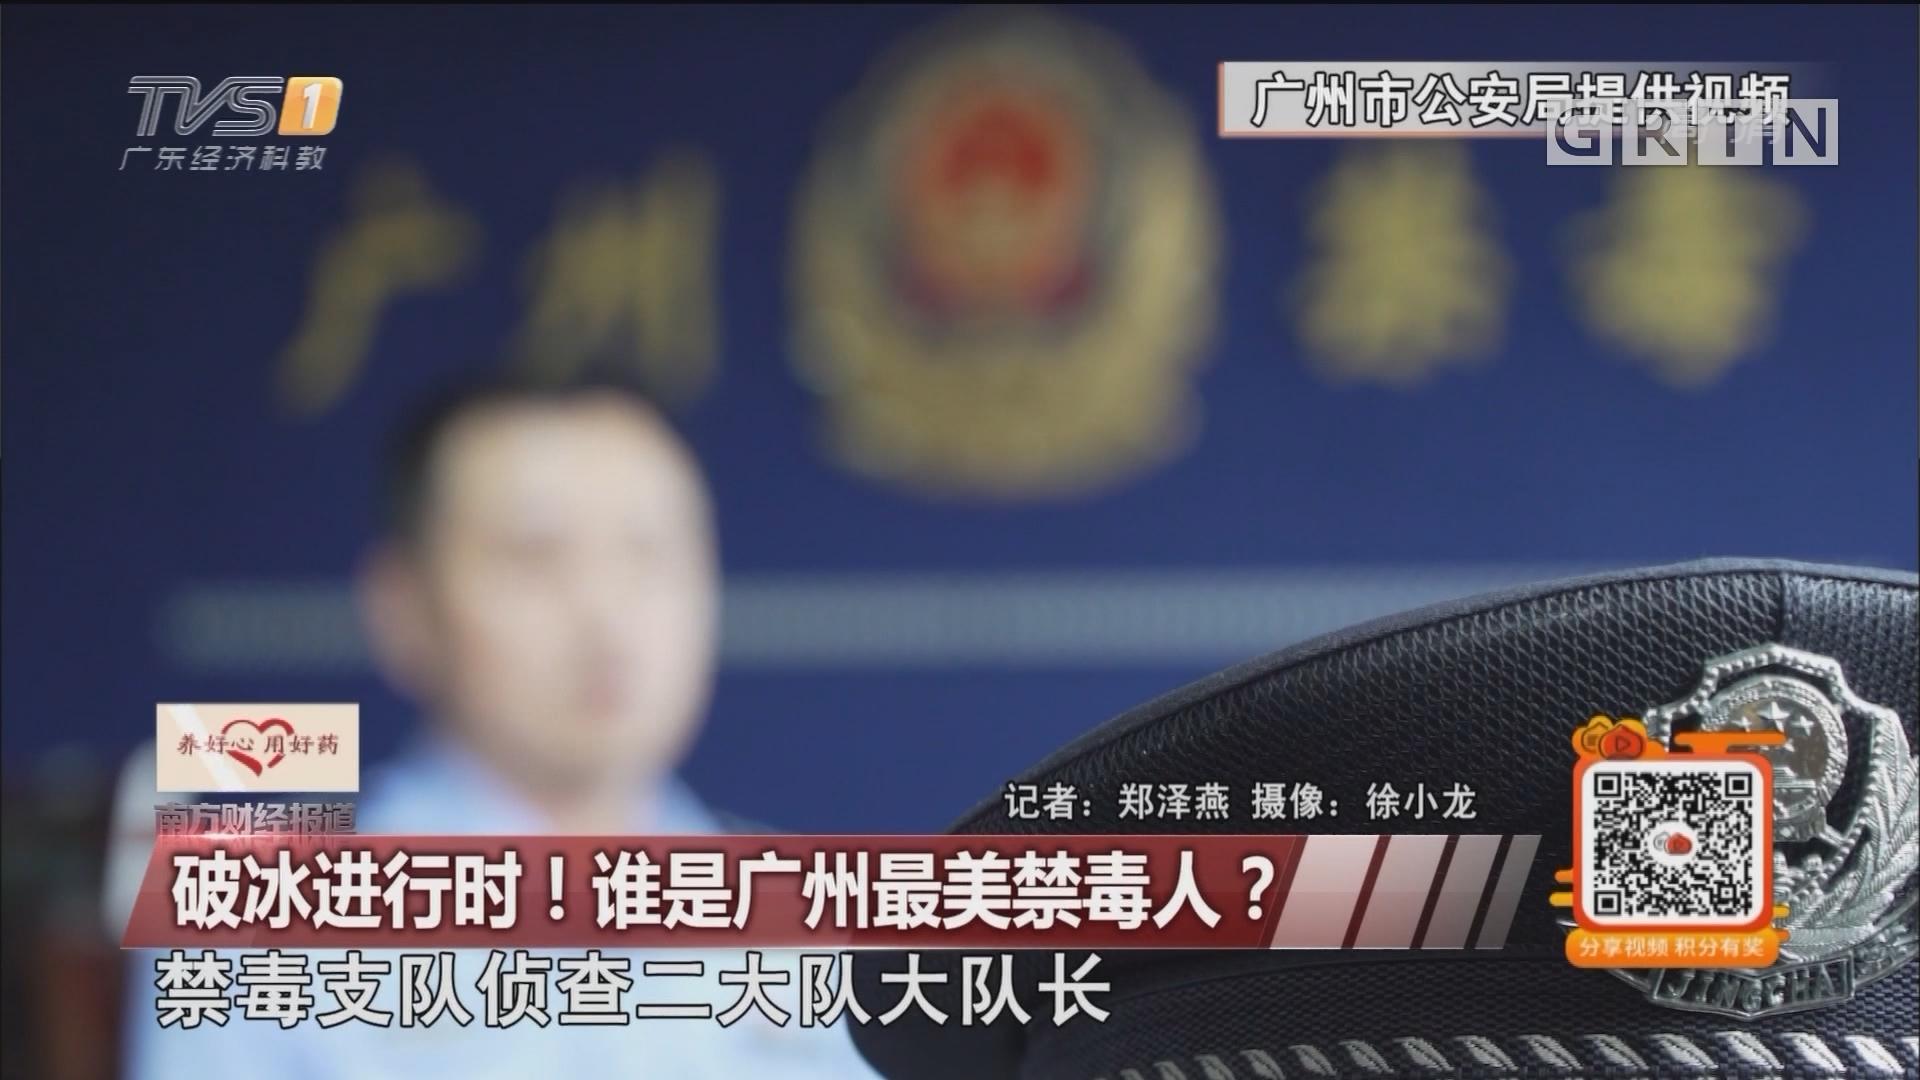 破冰进行时!谁是广州最美禁毒人?